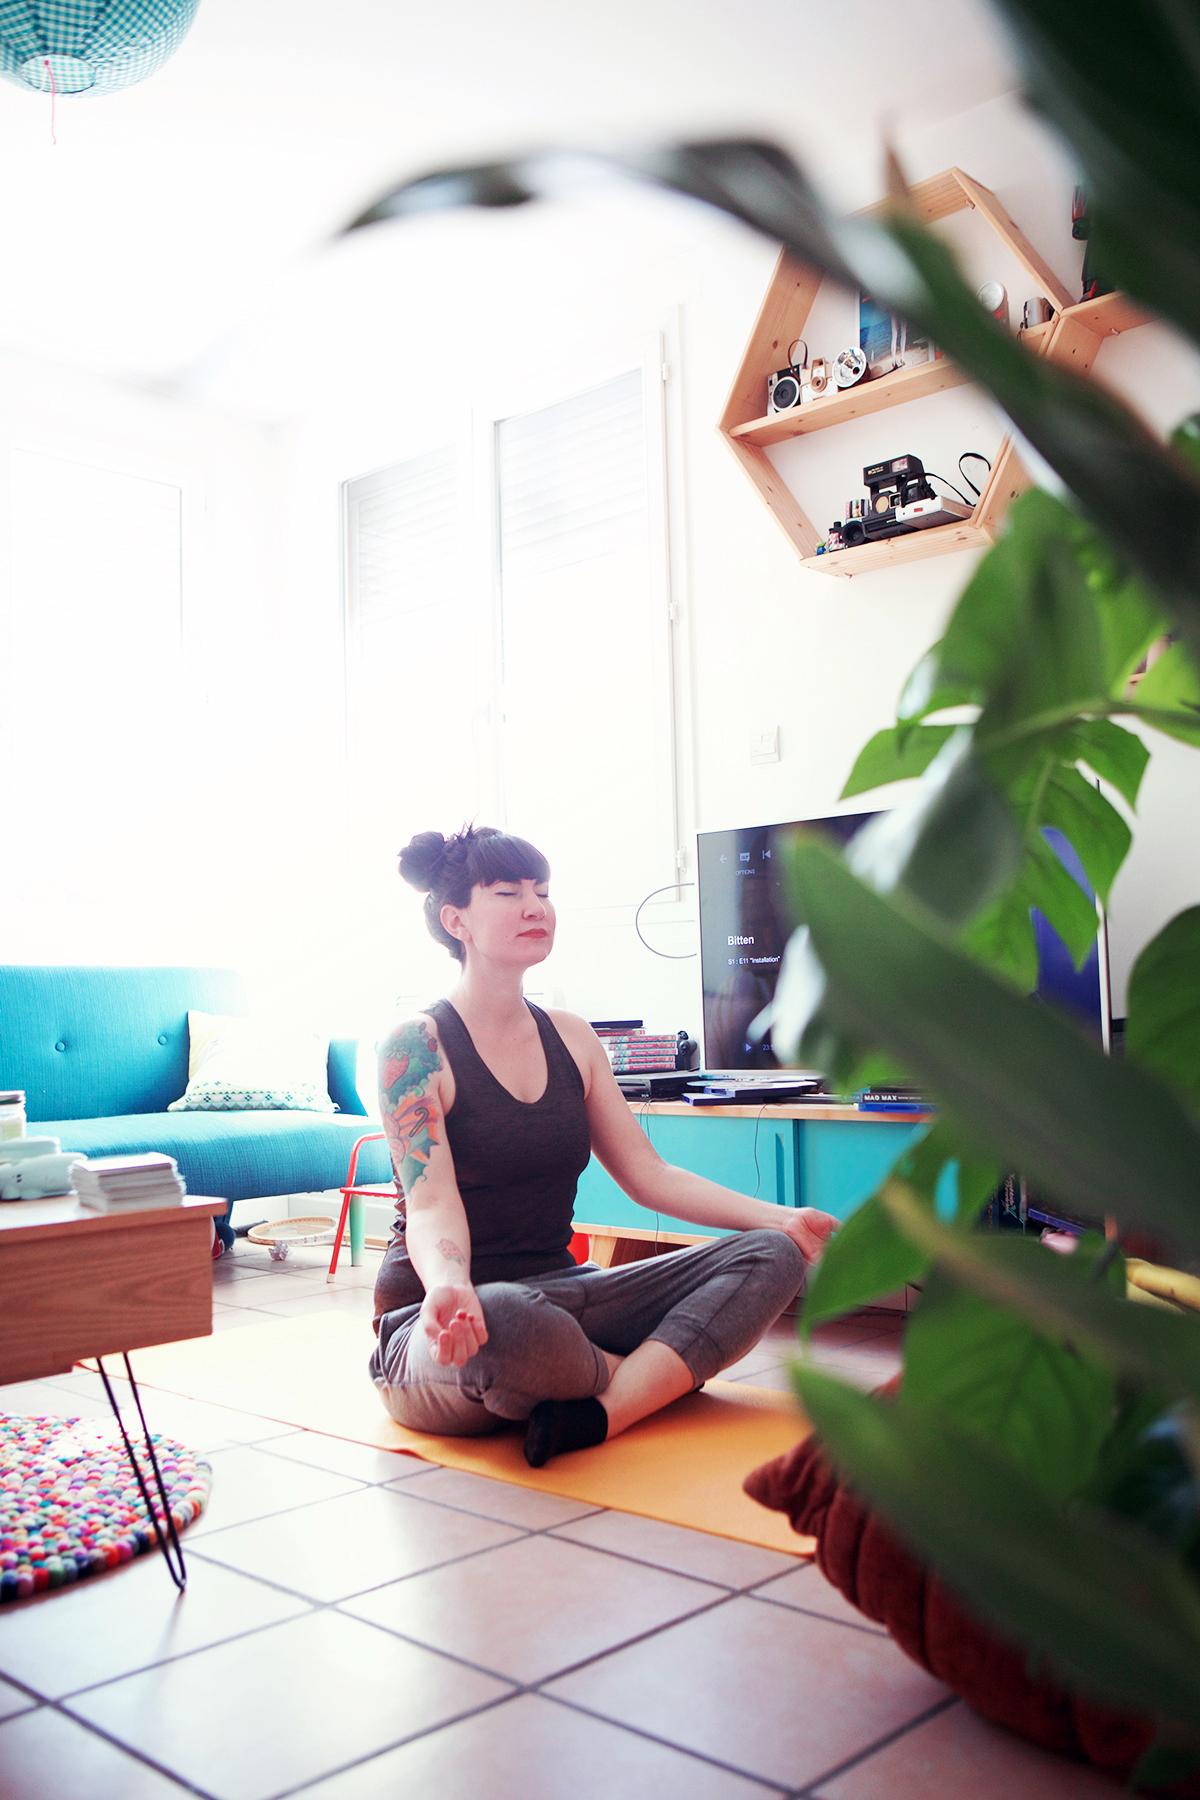 Comment Faire Pour Me Relaxer freelance #2 faire du sport et se relaxer à la maison